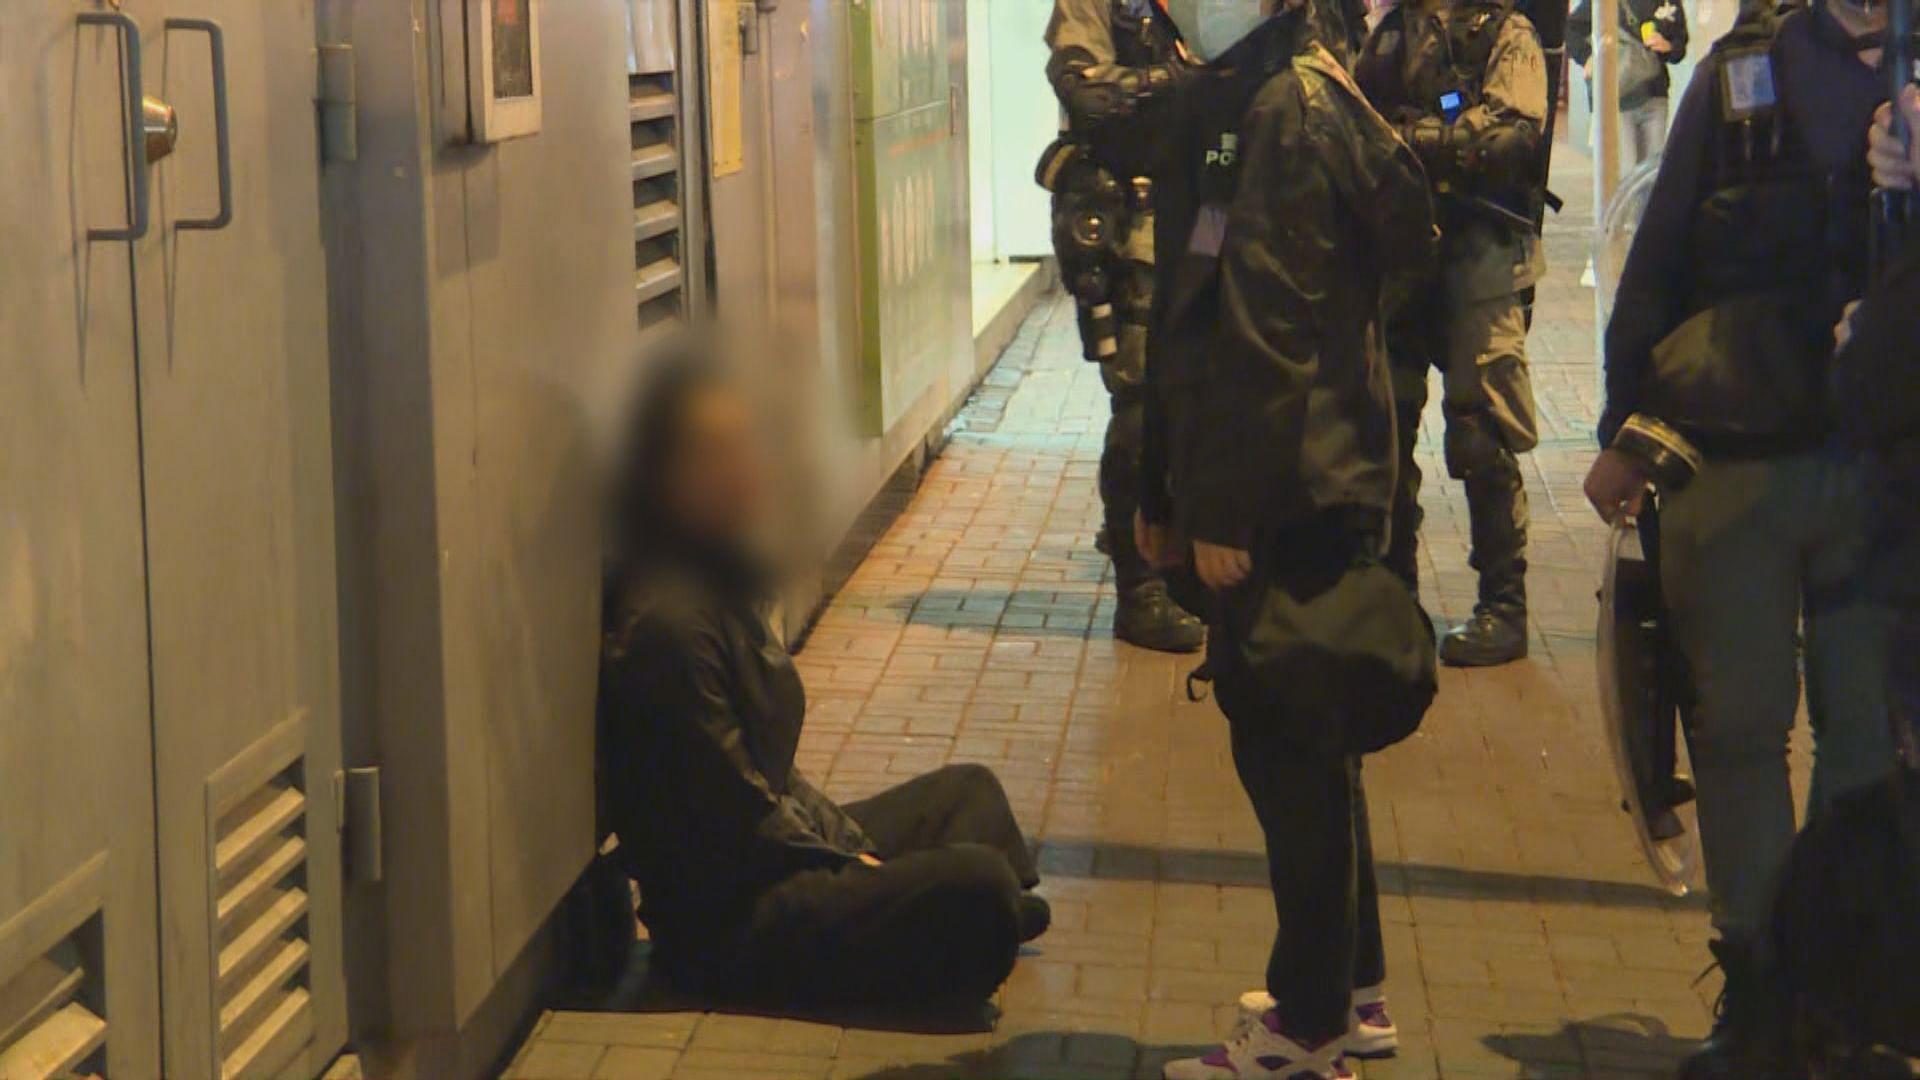 【831半周年】警方旺角一帶截查多名黑衣人 有人被制服帶走